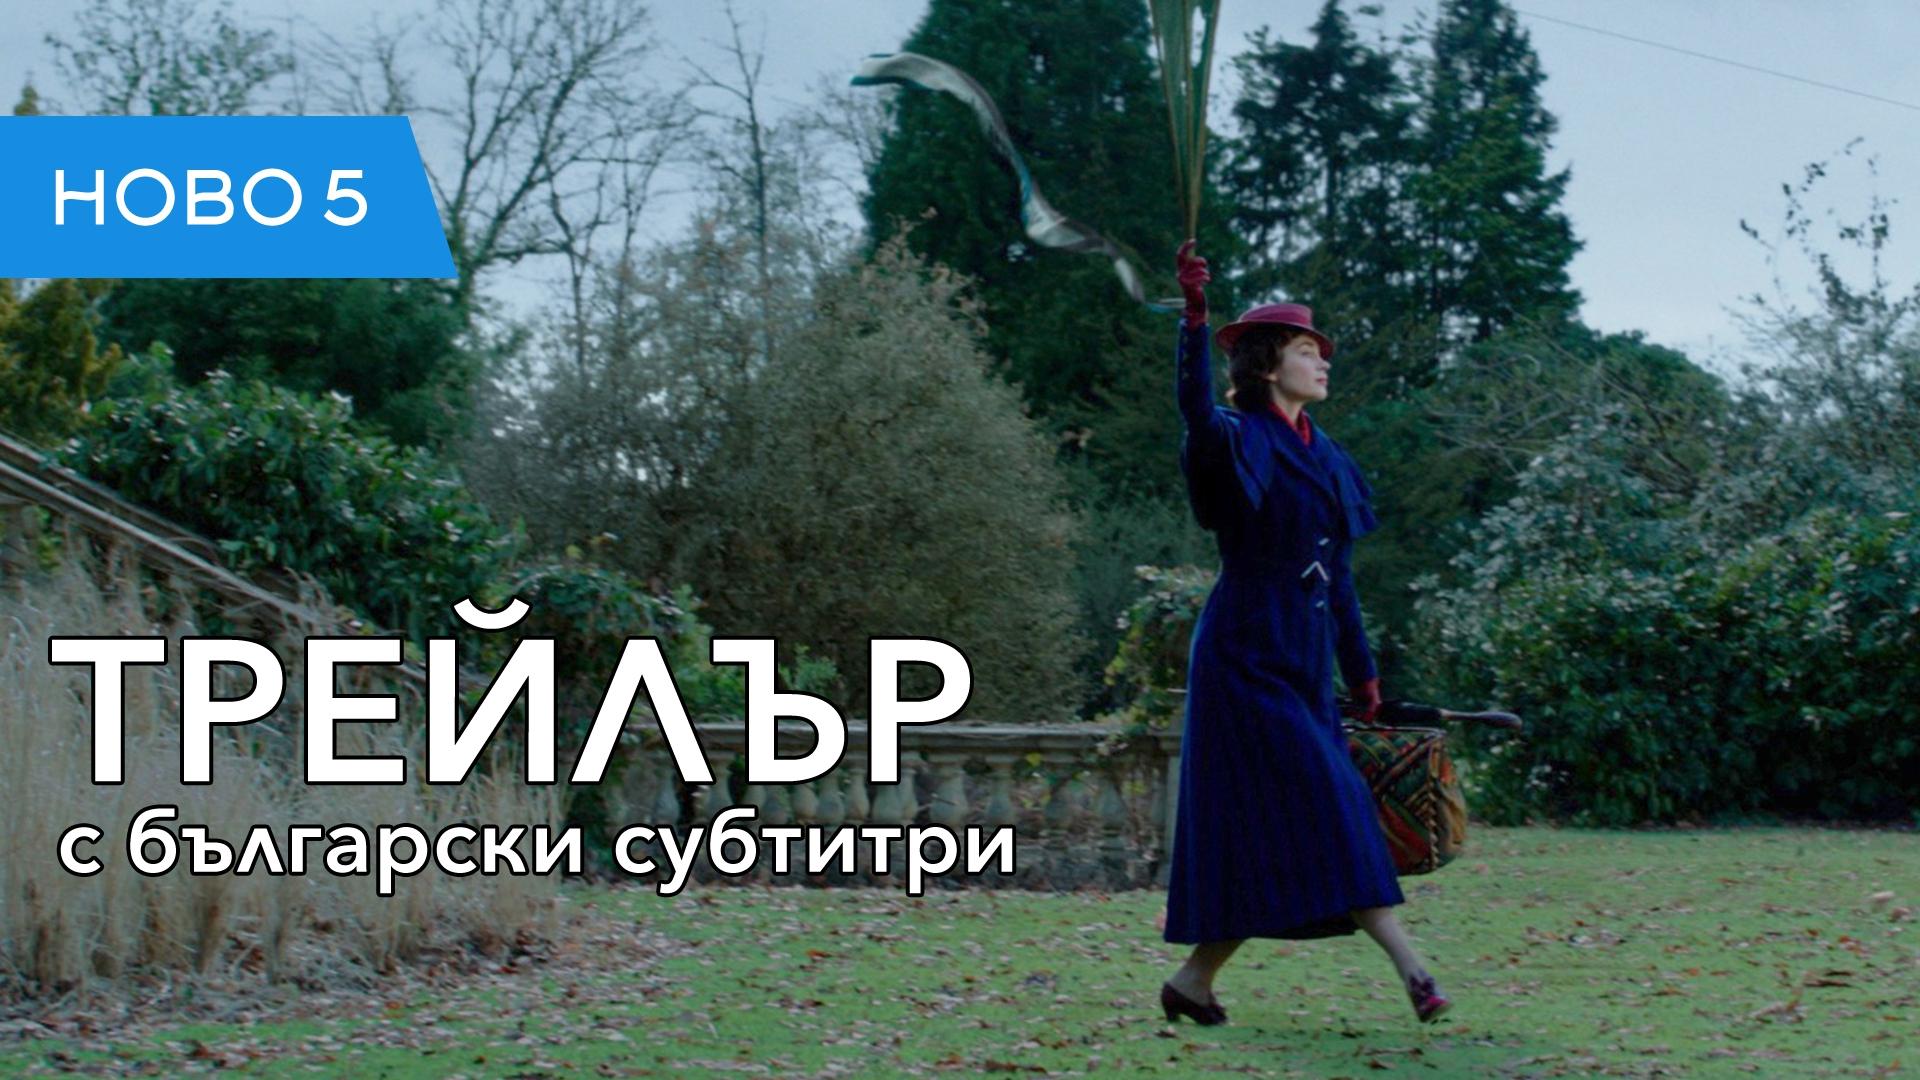 Мери Попинз се завръща (2018) втори трейлър с български субтитри